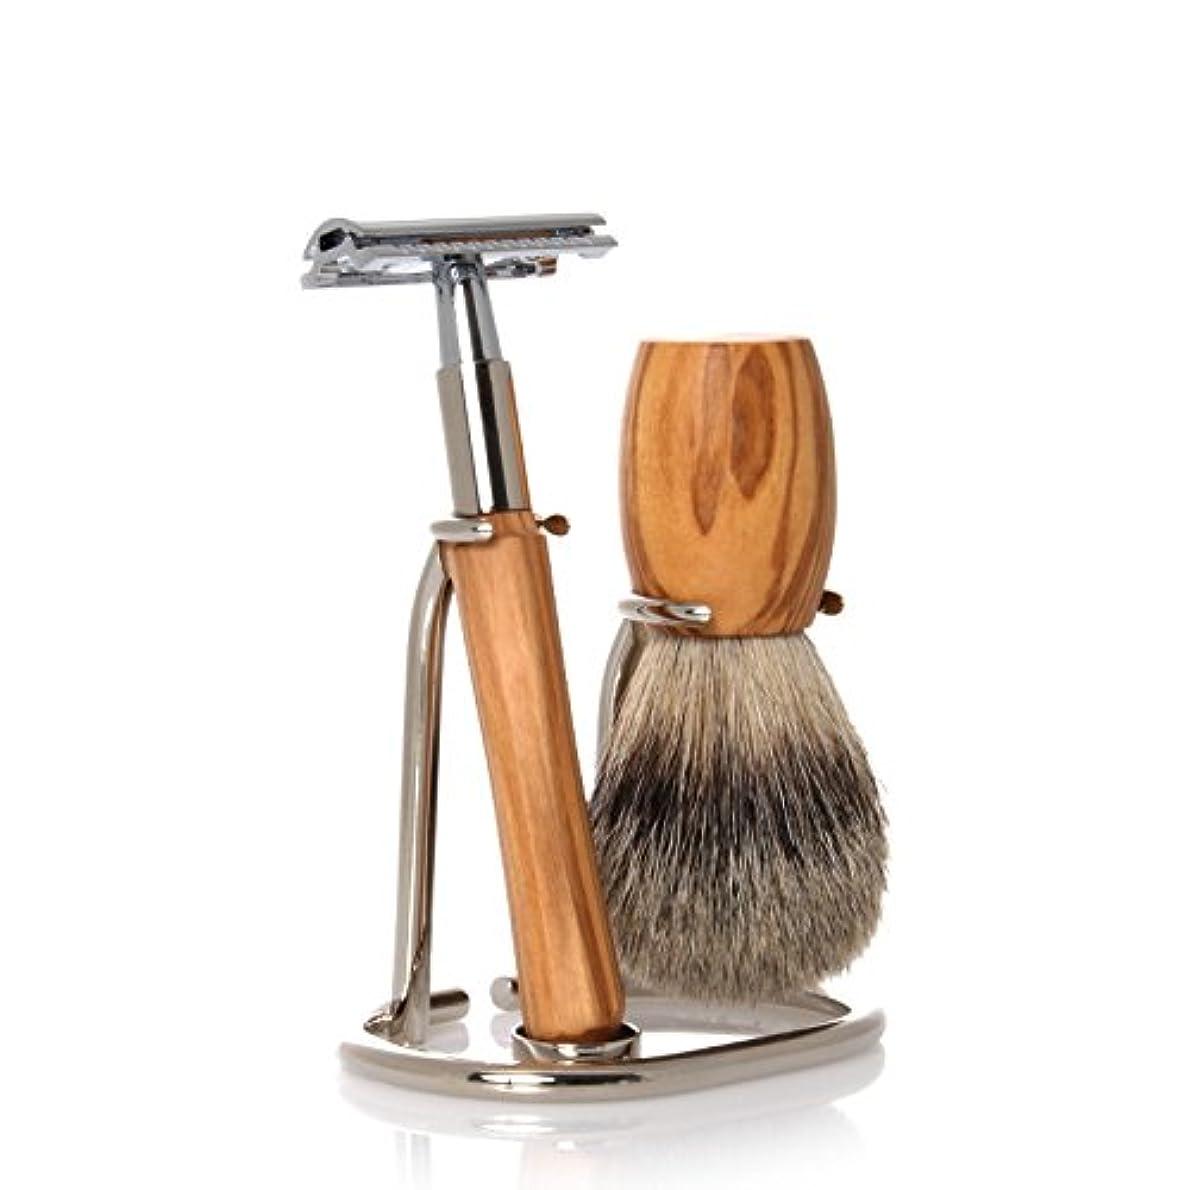 アンタゴニストあえて連帯GOLDDACHS Shaving Set, Safety razor, Finest Badger, olive wood